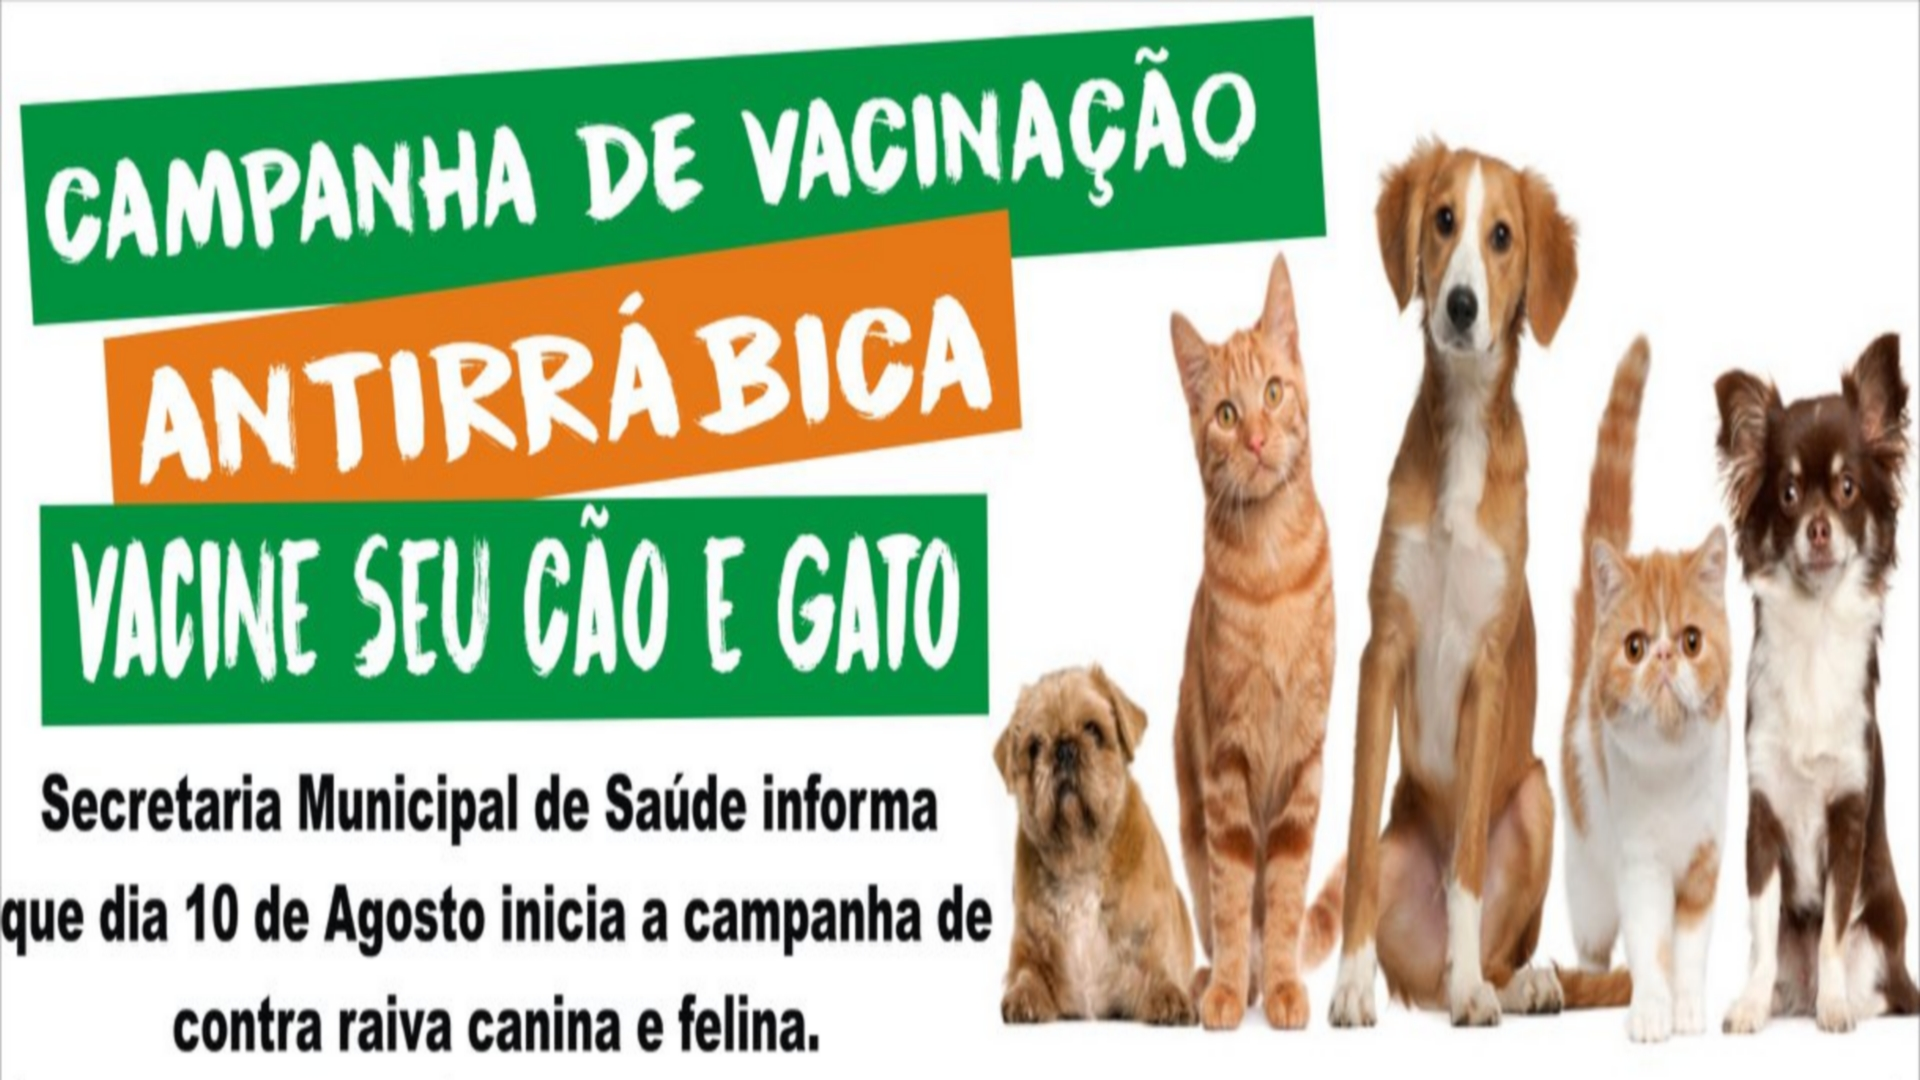 """ATENÇÃO DONOS DE ANIMAIS DOMÉSTICOS, VACINEM SEU """"BICHINHO"""" !!!"""